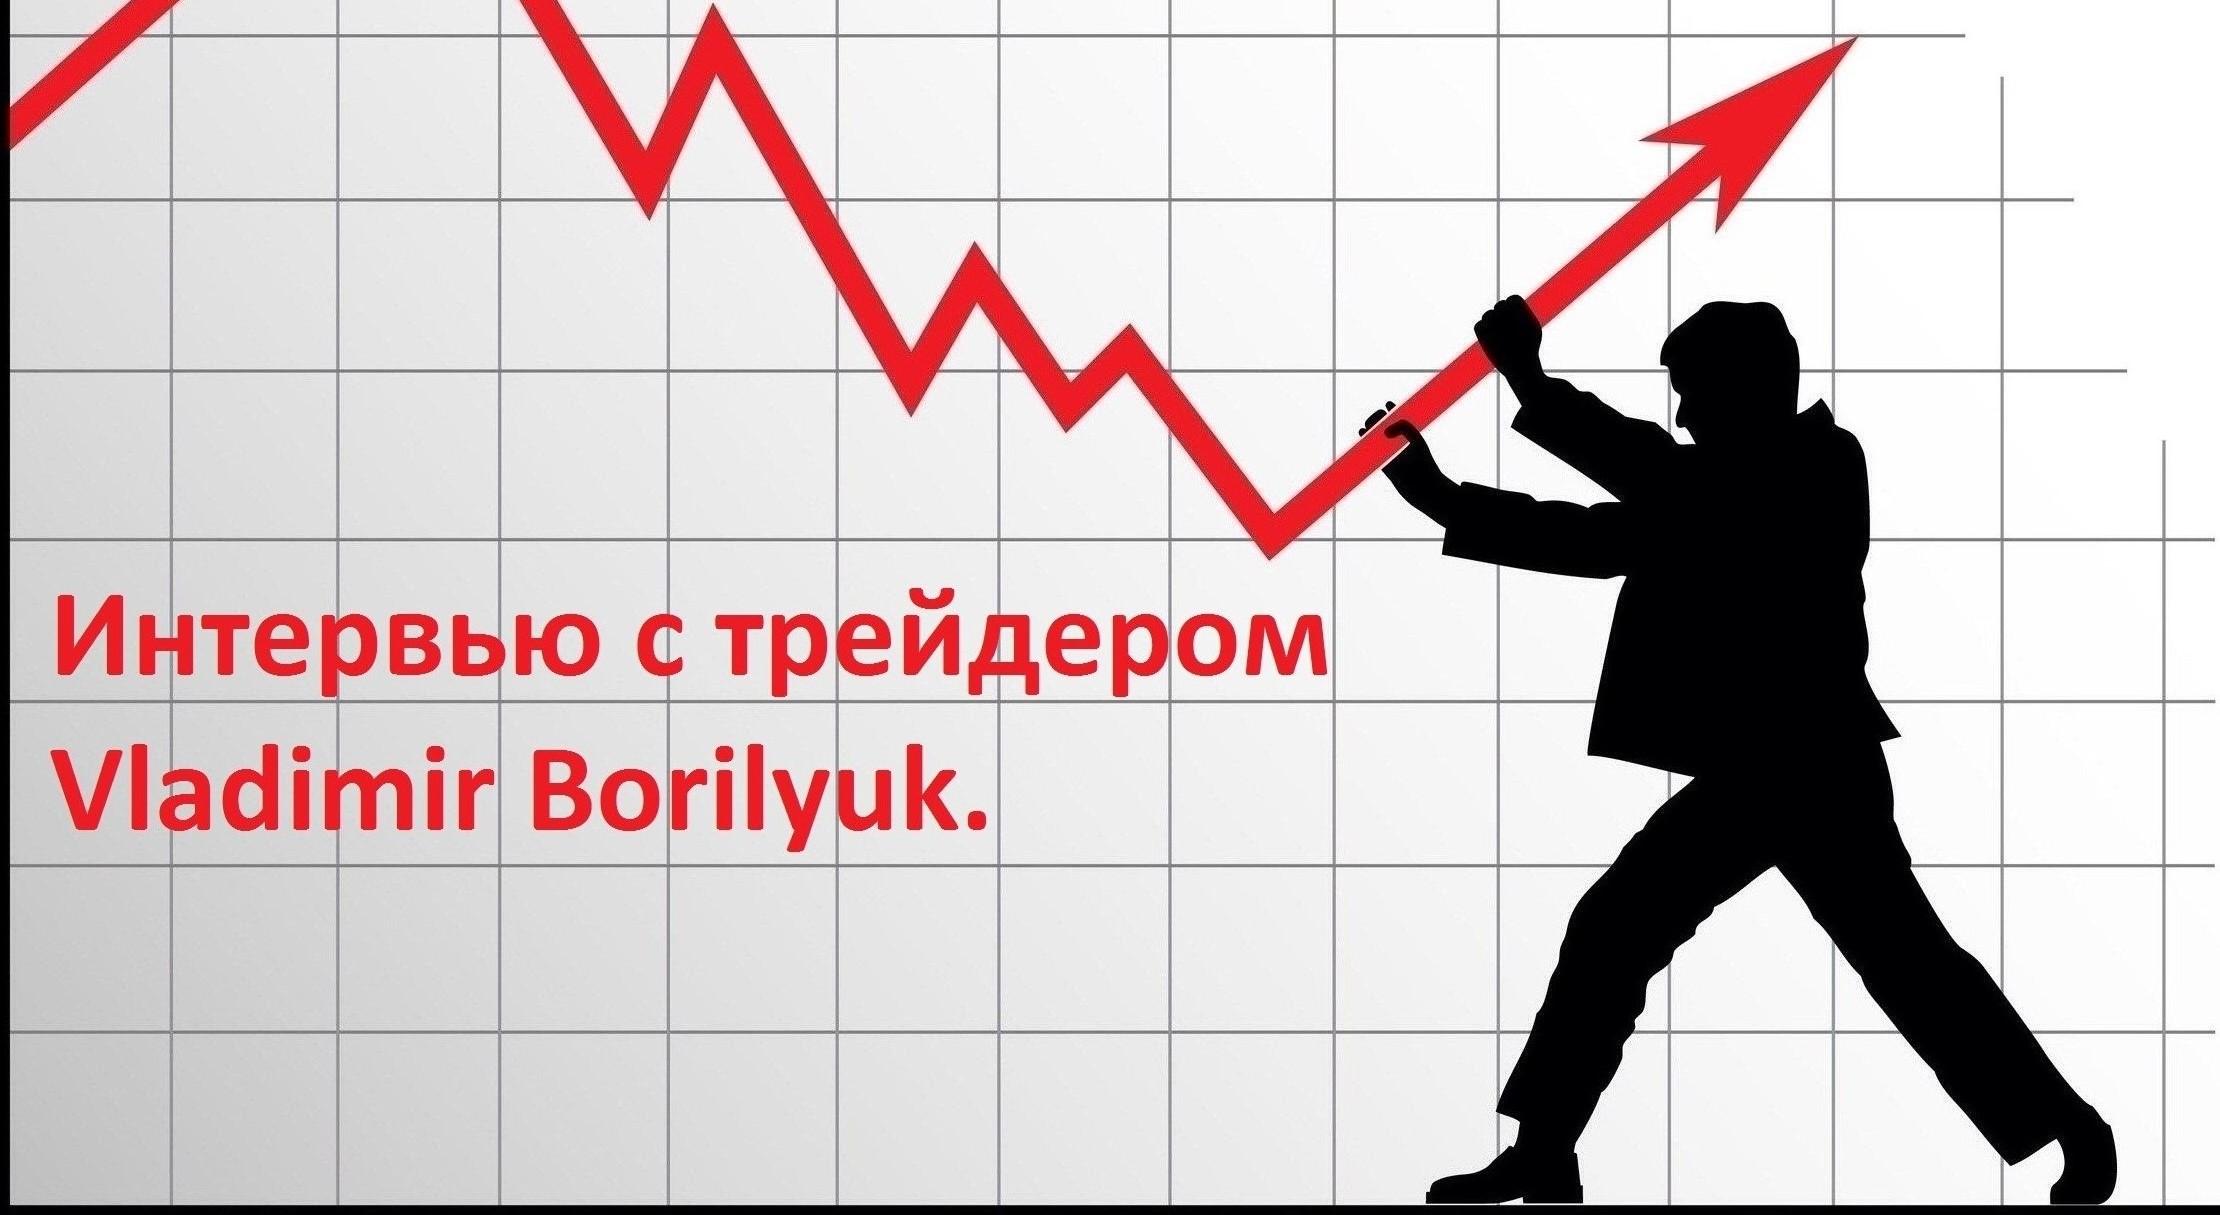 Евгений юшков форекс отзывы нок онлайн